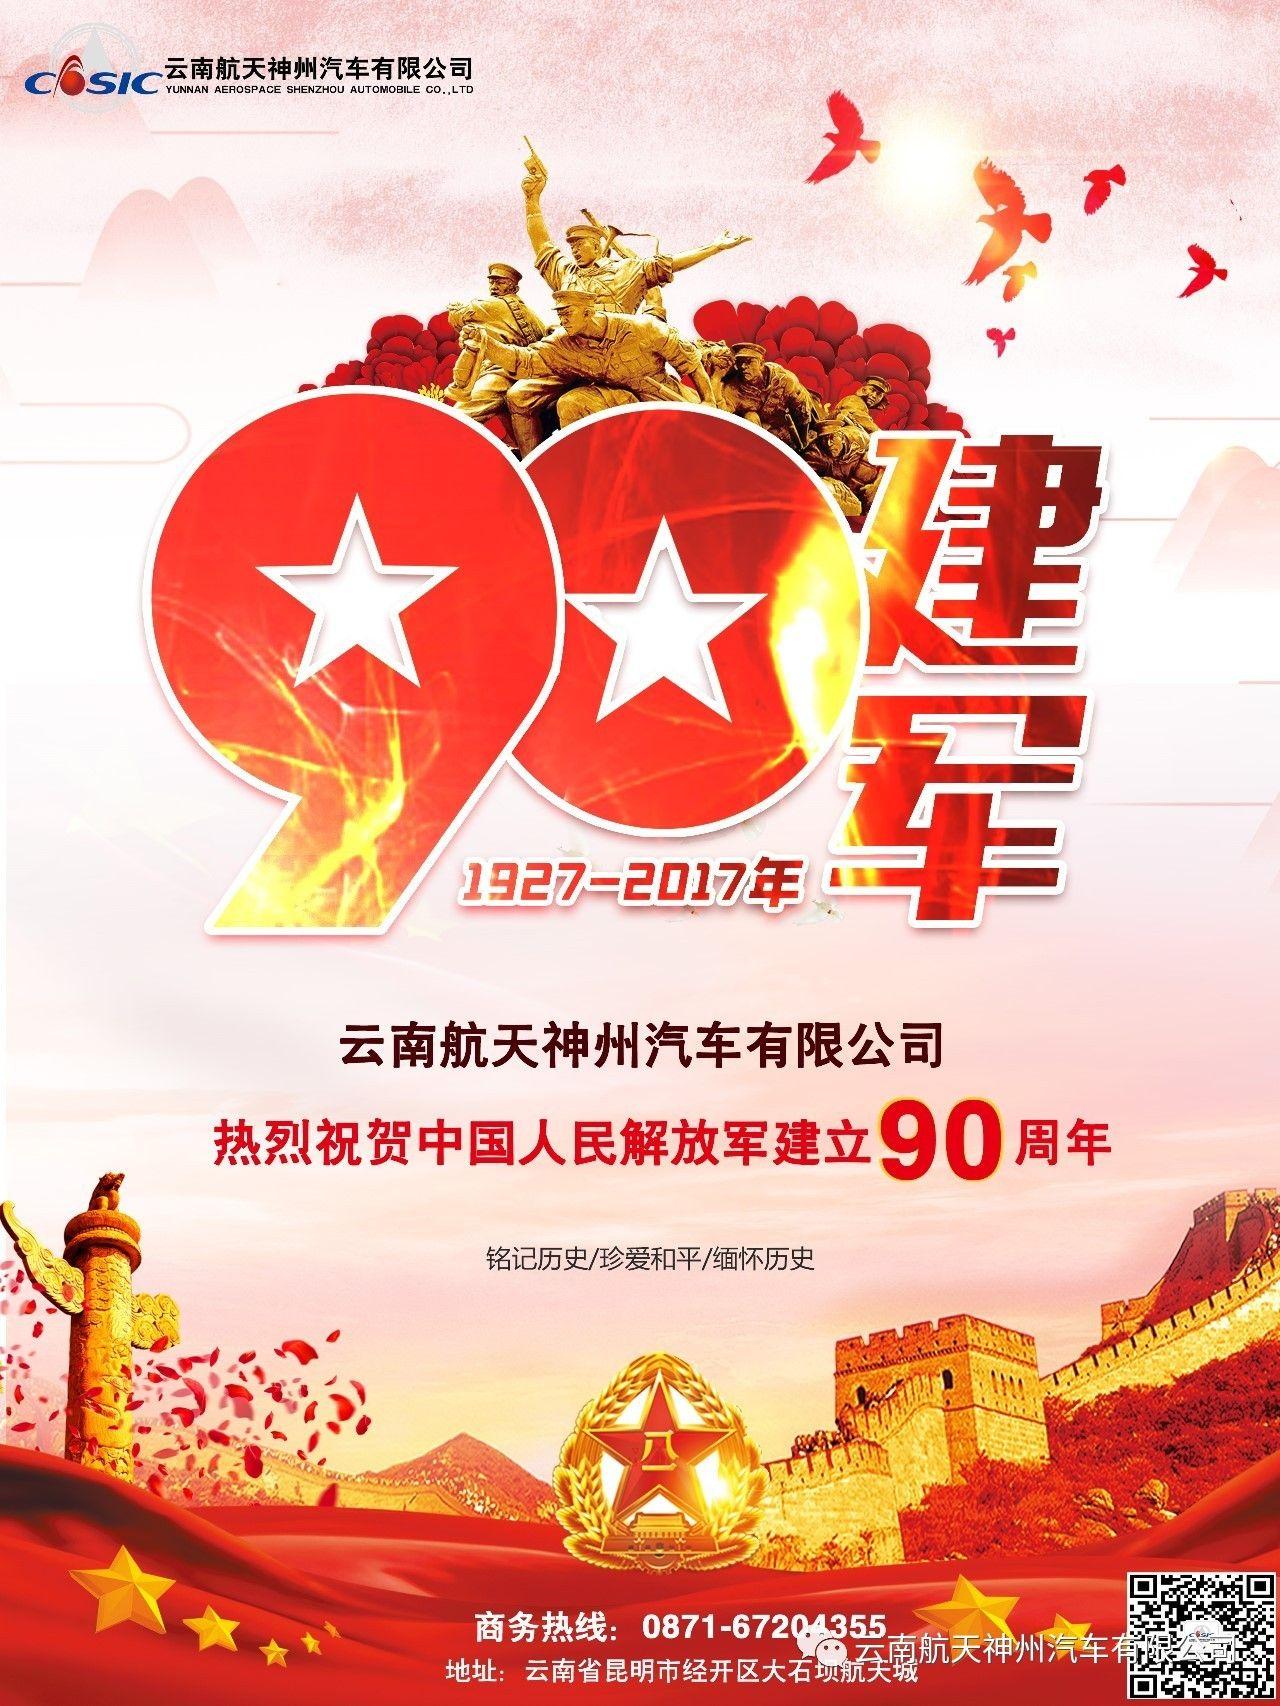 云南航天万博体育官网客户端汽车有限公司热烈祝贺中国人名解放军建立90周年